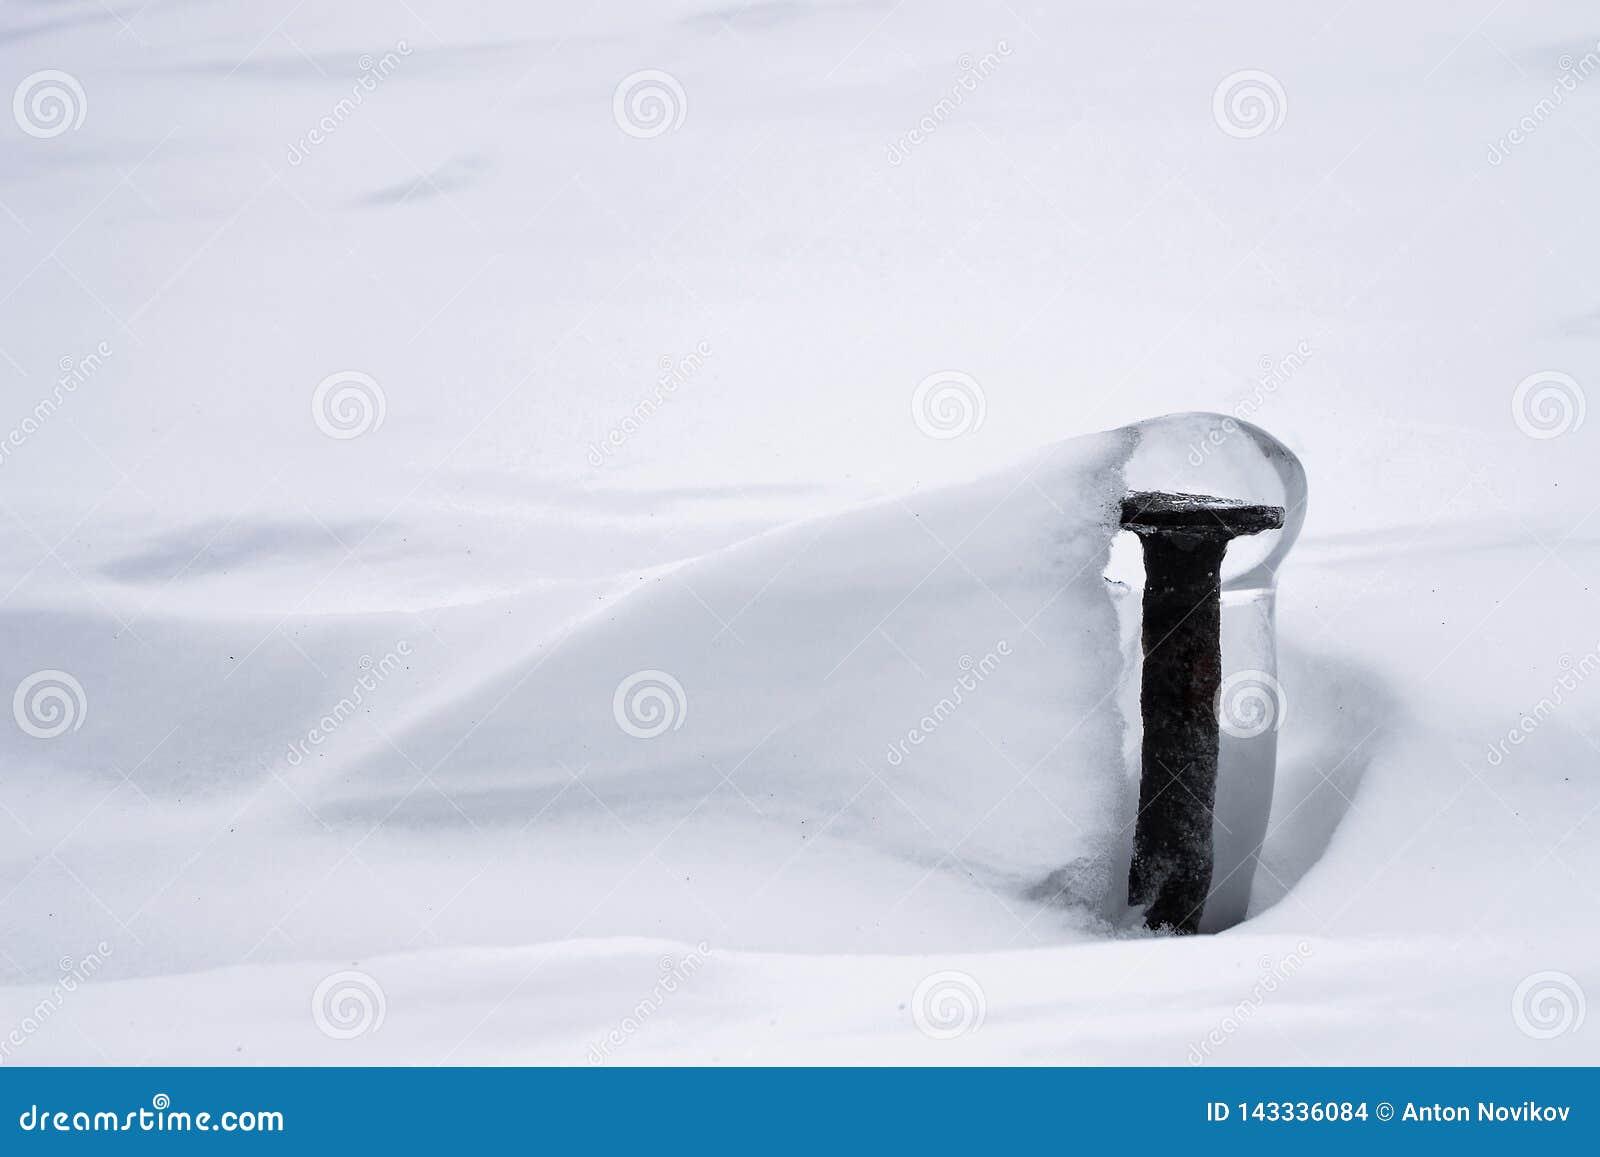 Zima minimalizm z zamarzniętą śrubą